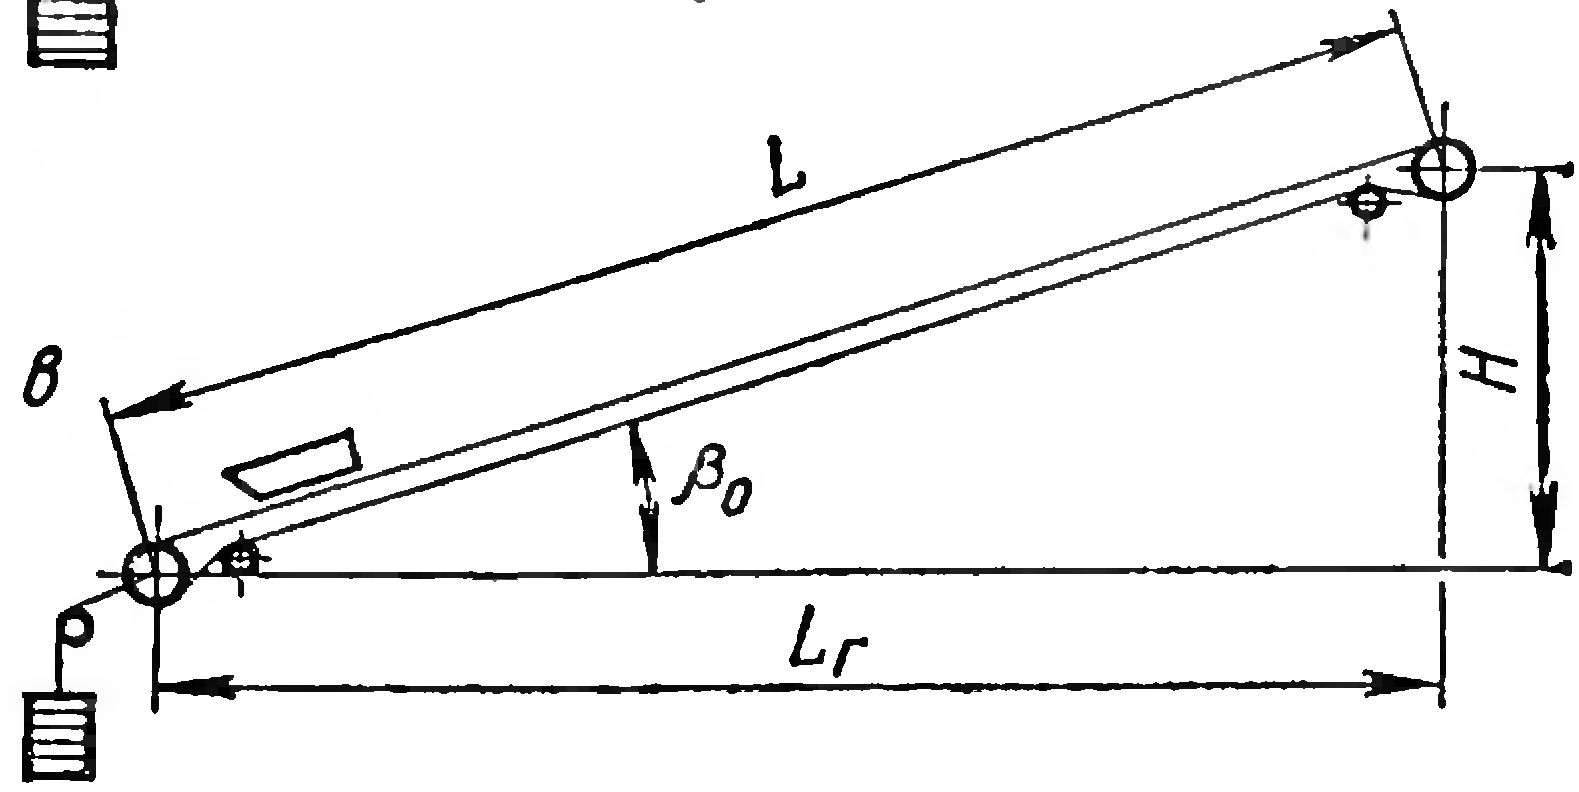 Ленточные конвейеры схемы устройства рестайлинг транспортера